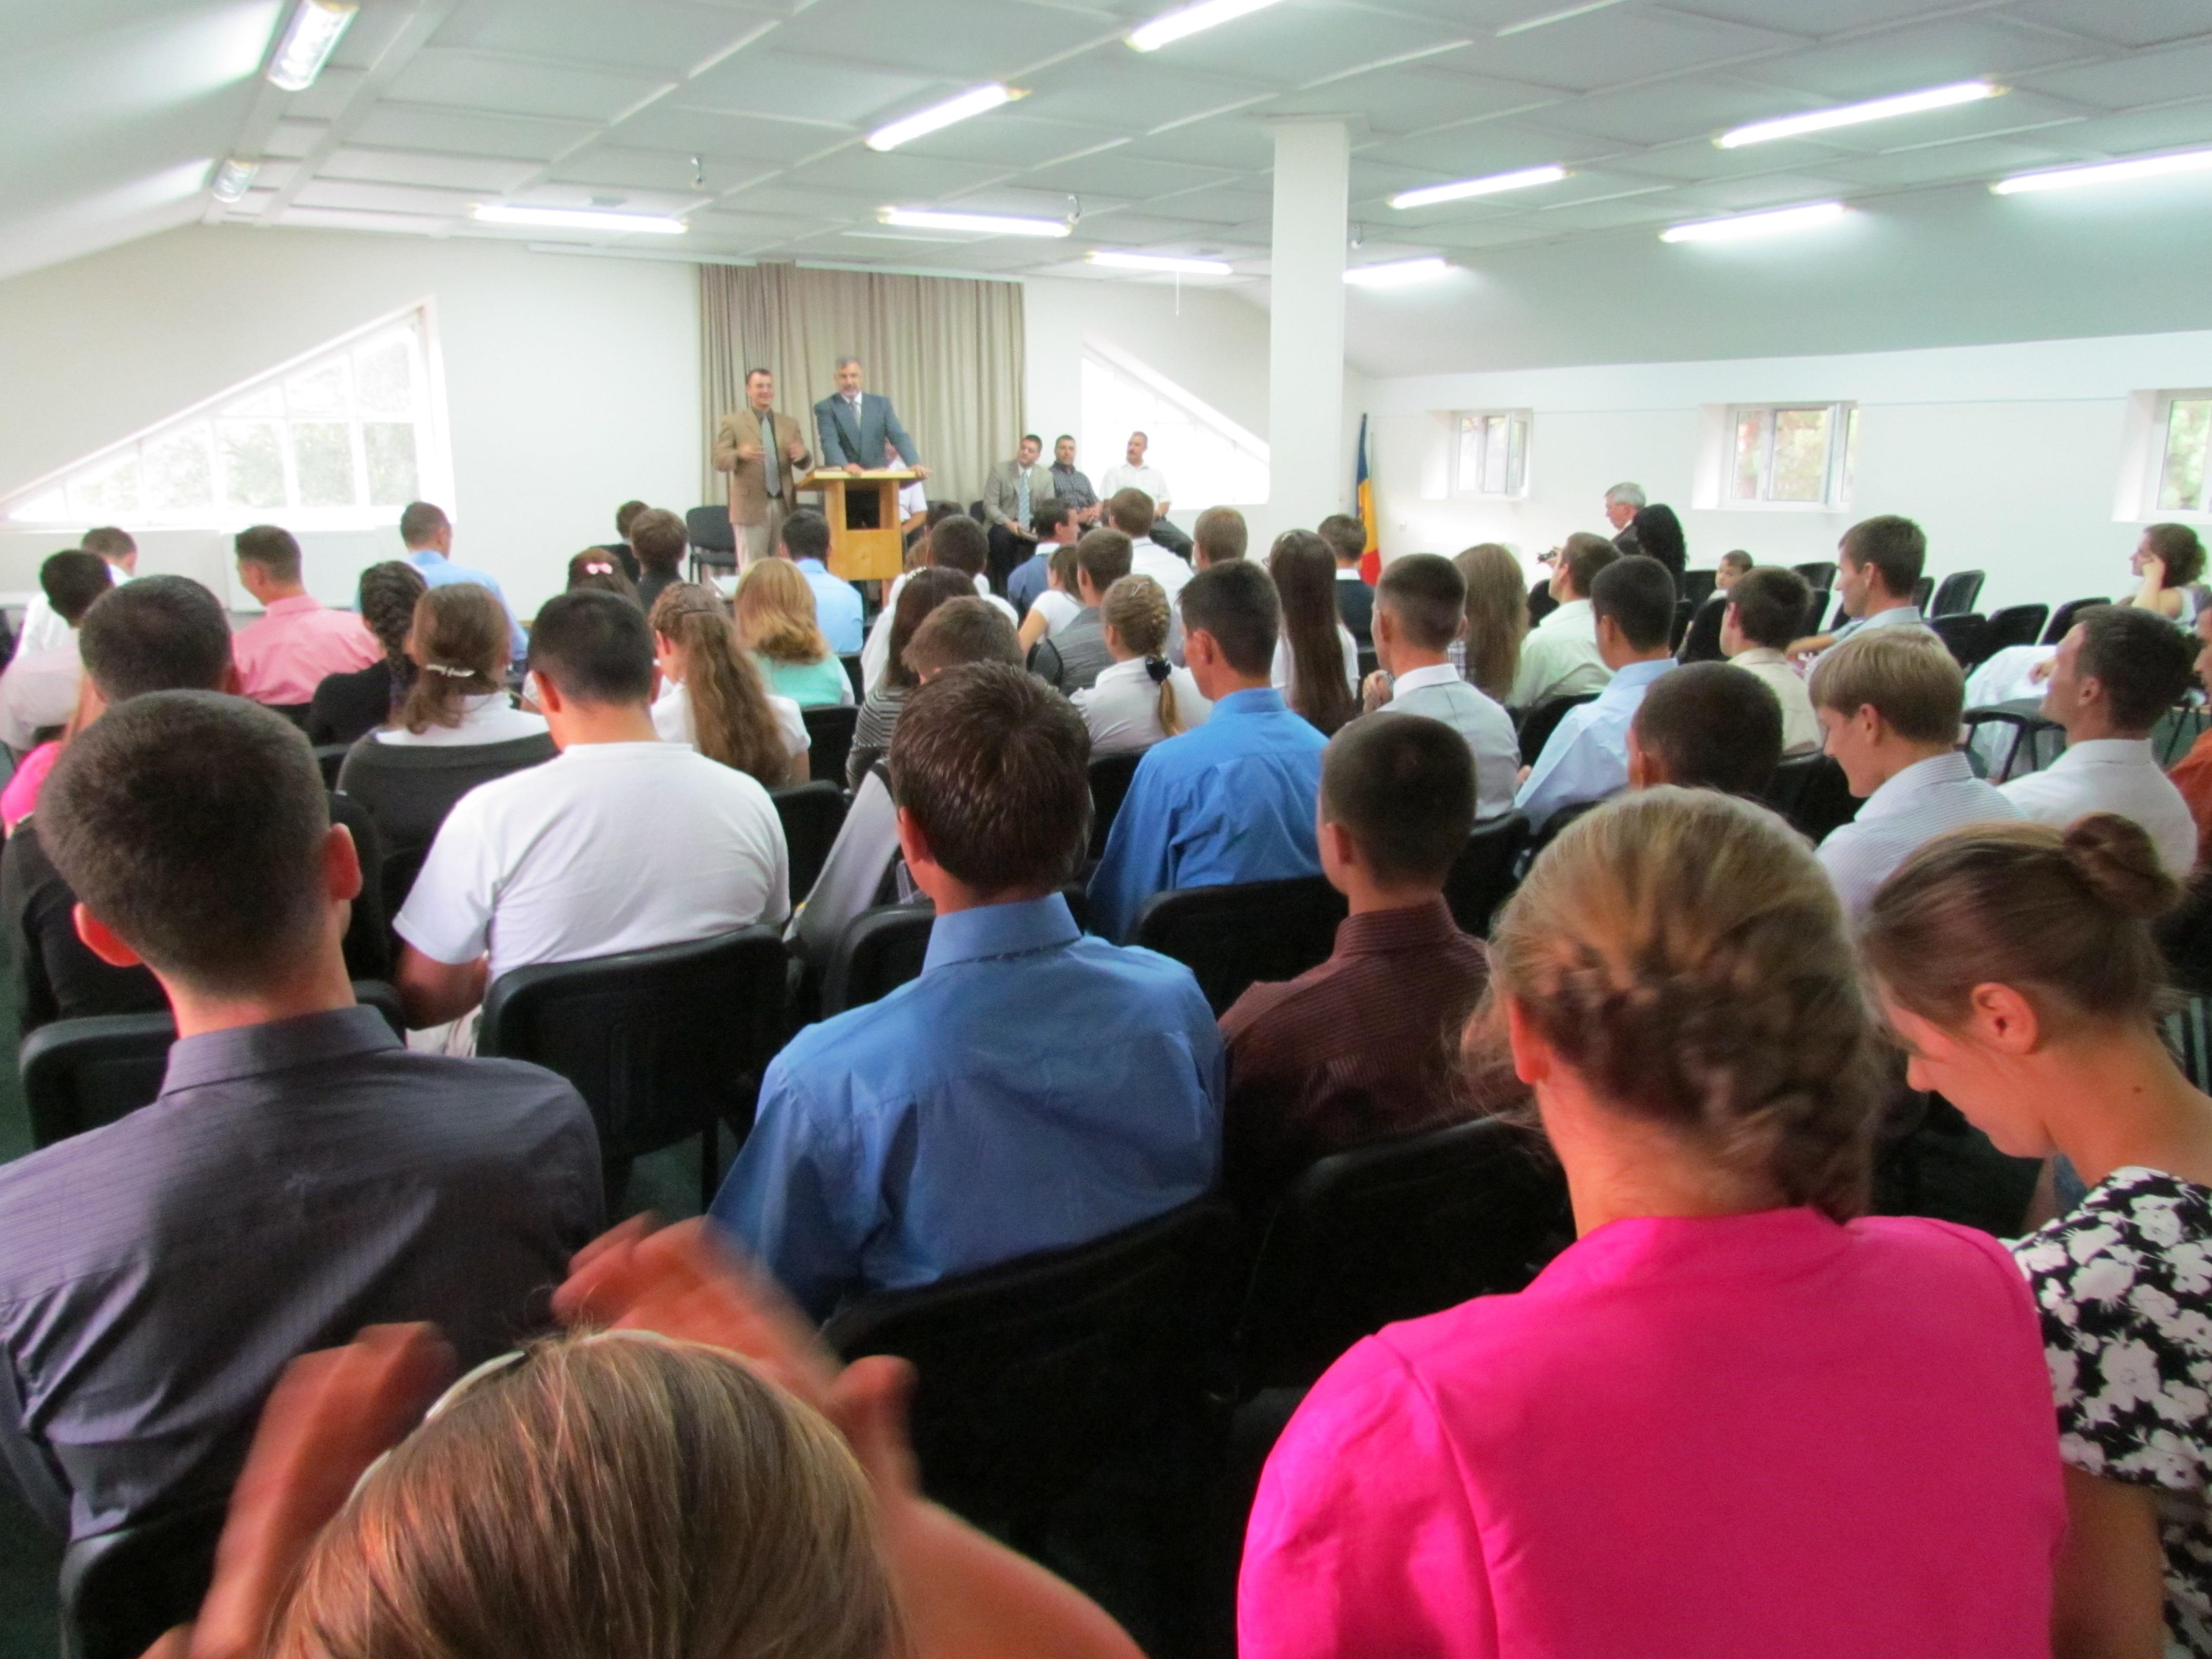 Moldovan Bible school students